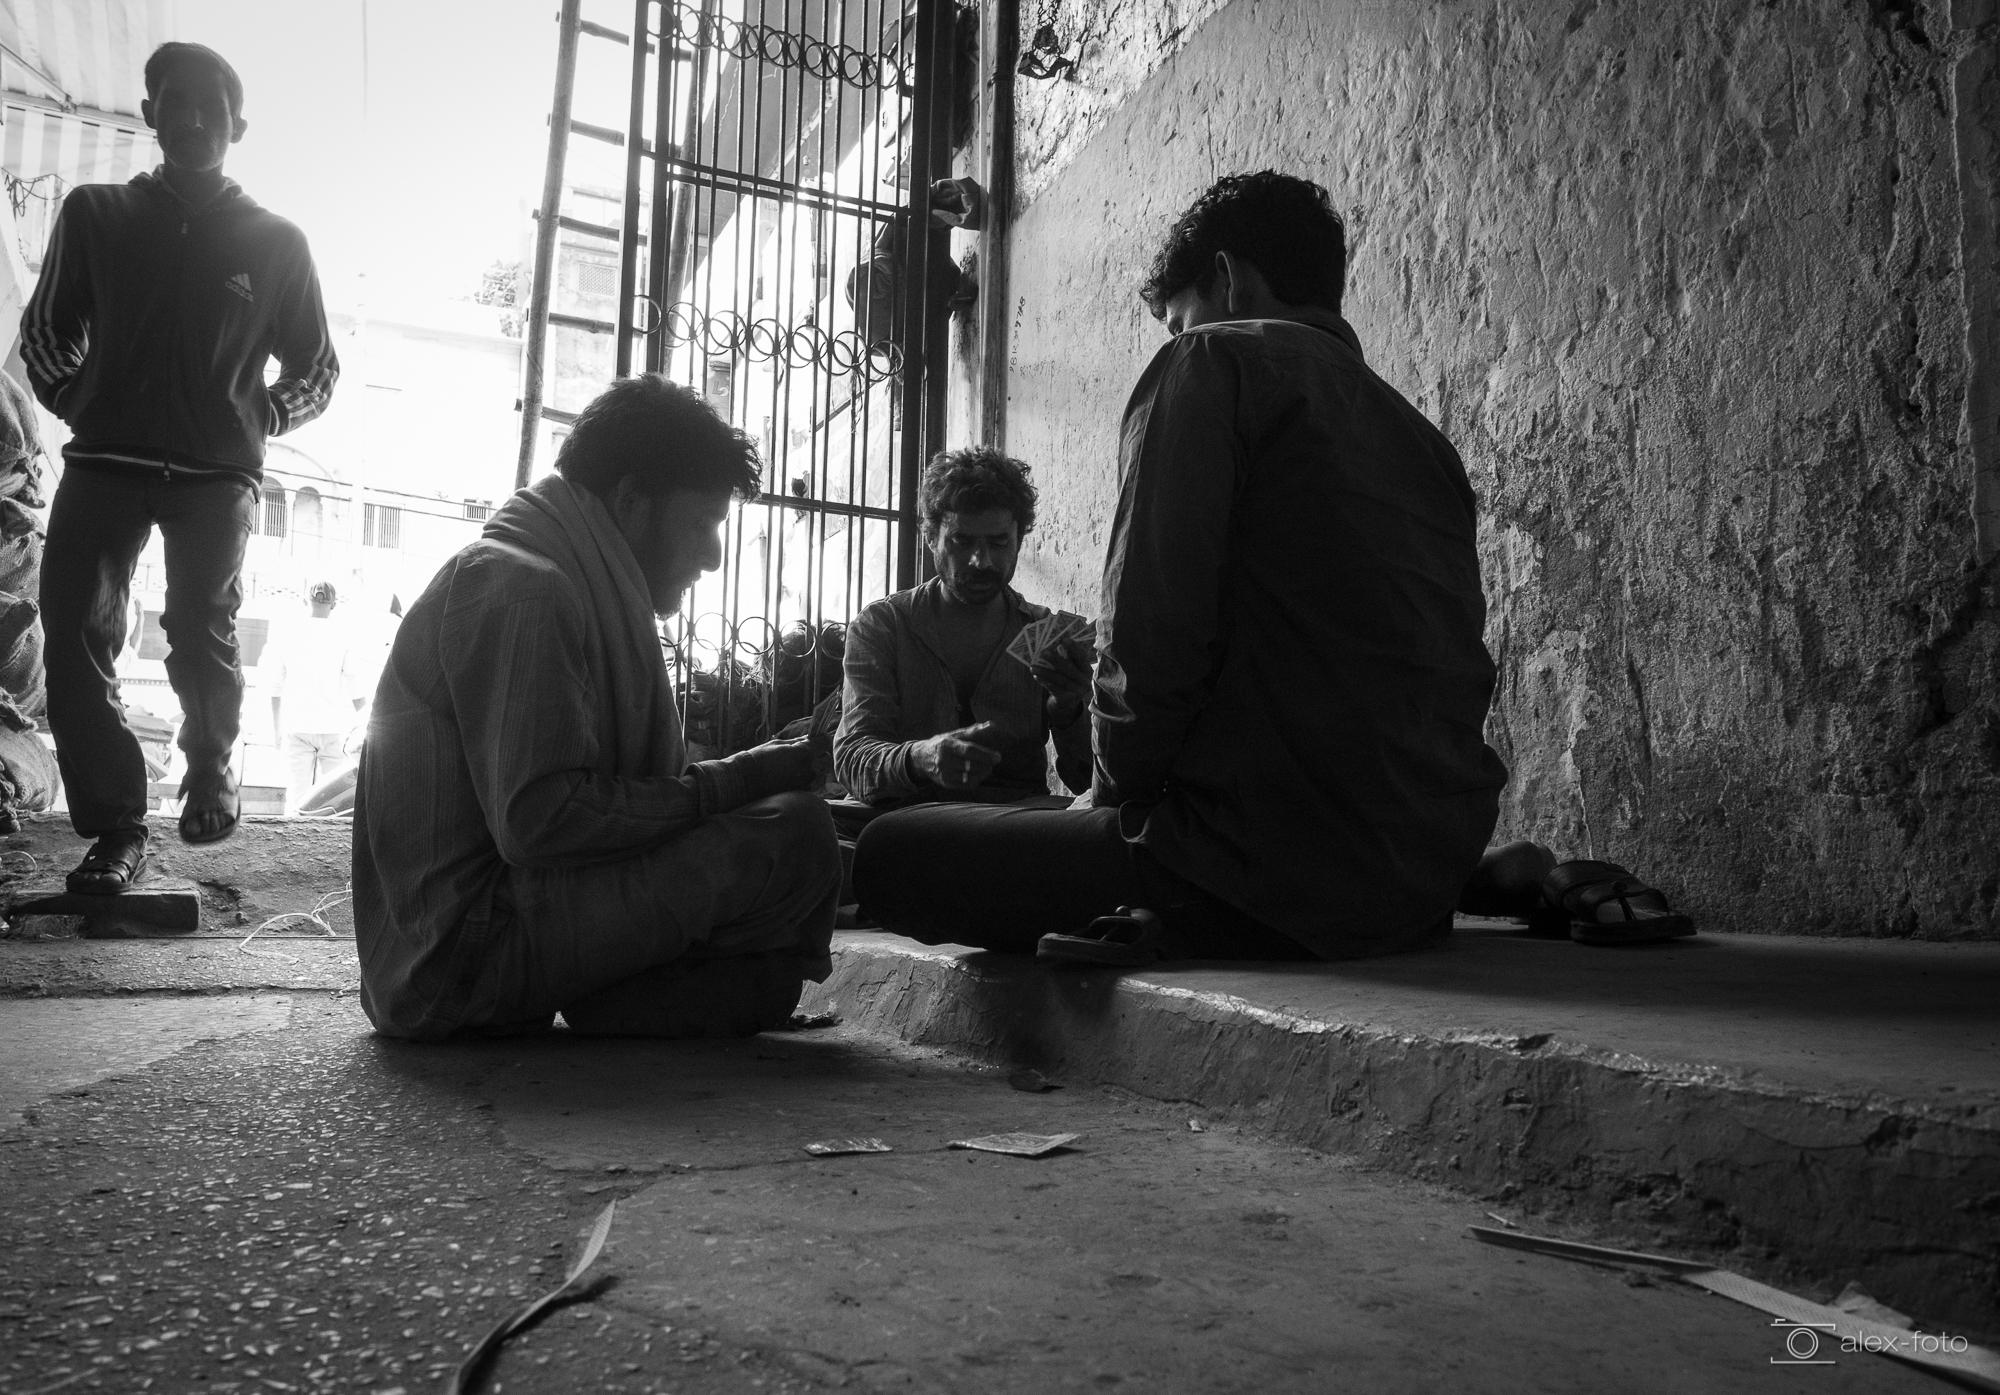 Lichtwert-BestOf_ThomasAlex_022_Old Delhi.jpg